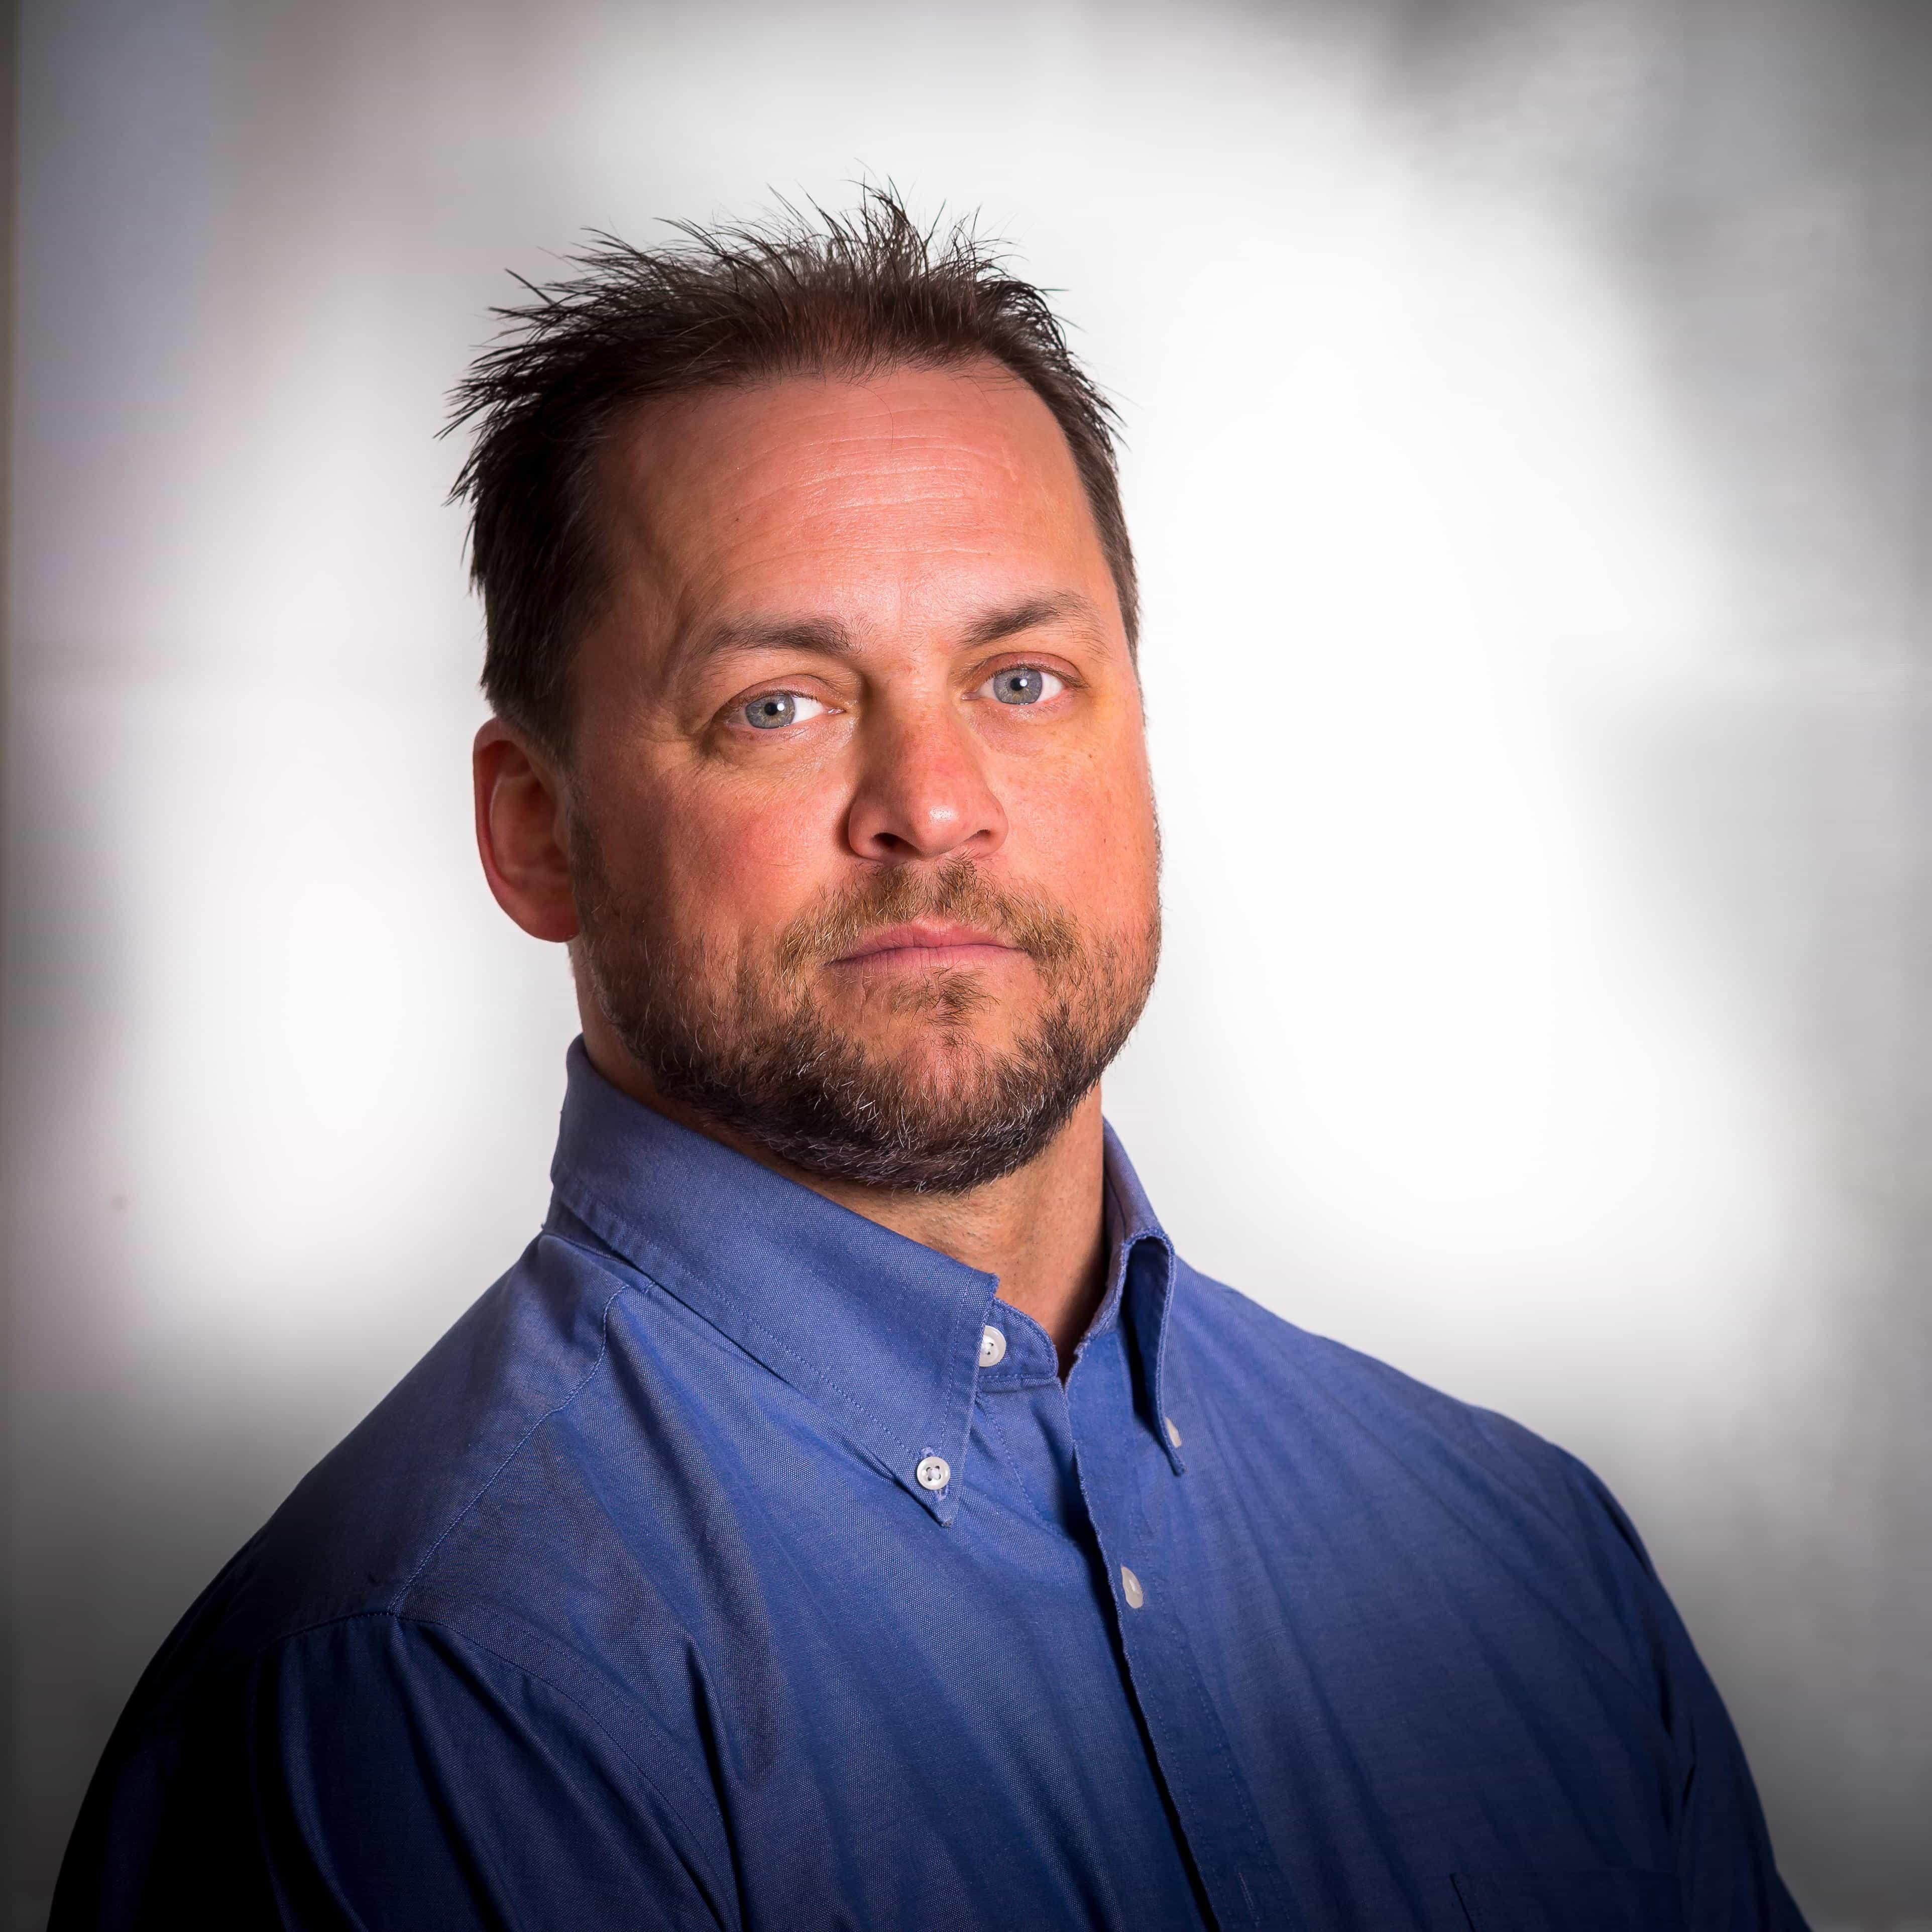 Martin Shannon - Inspecteur en batiment